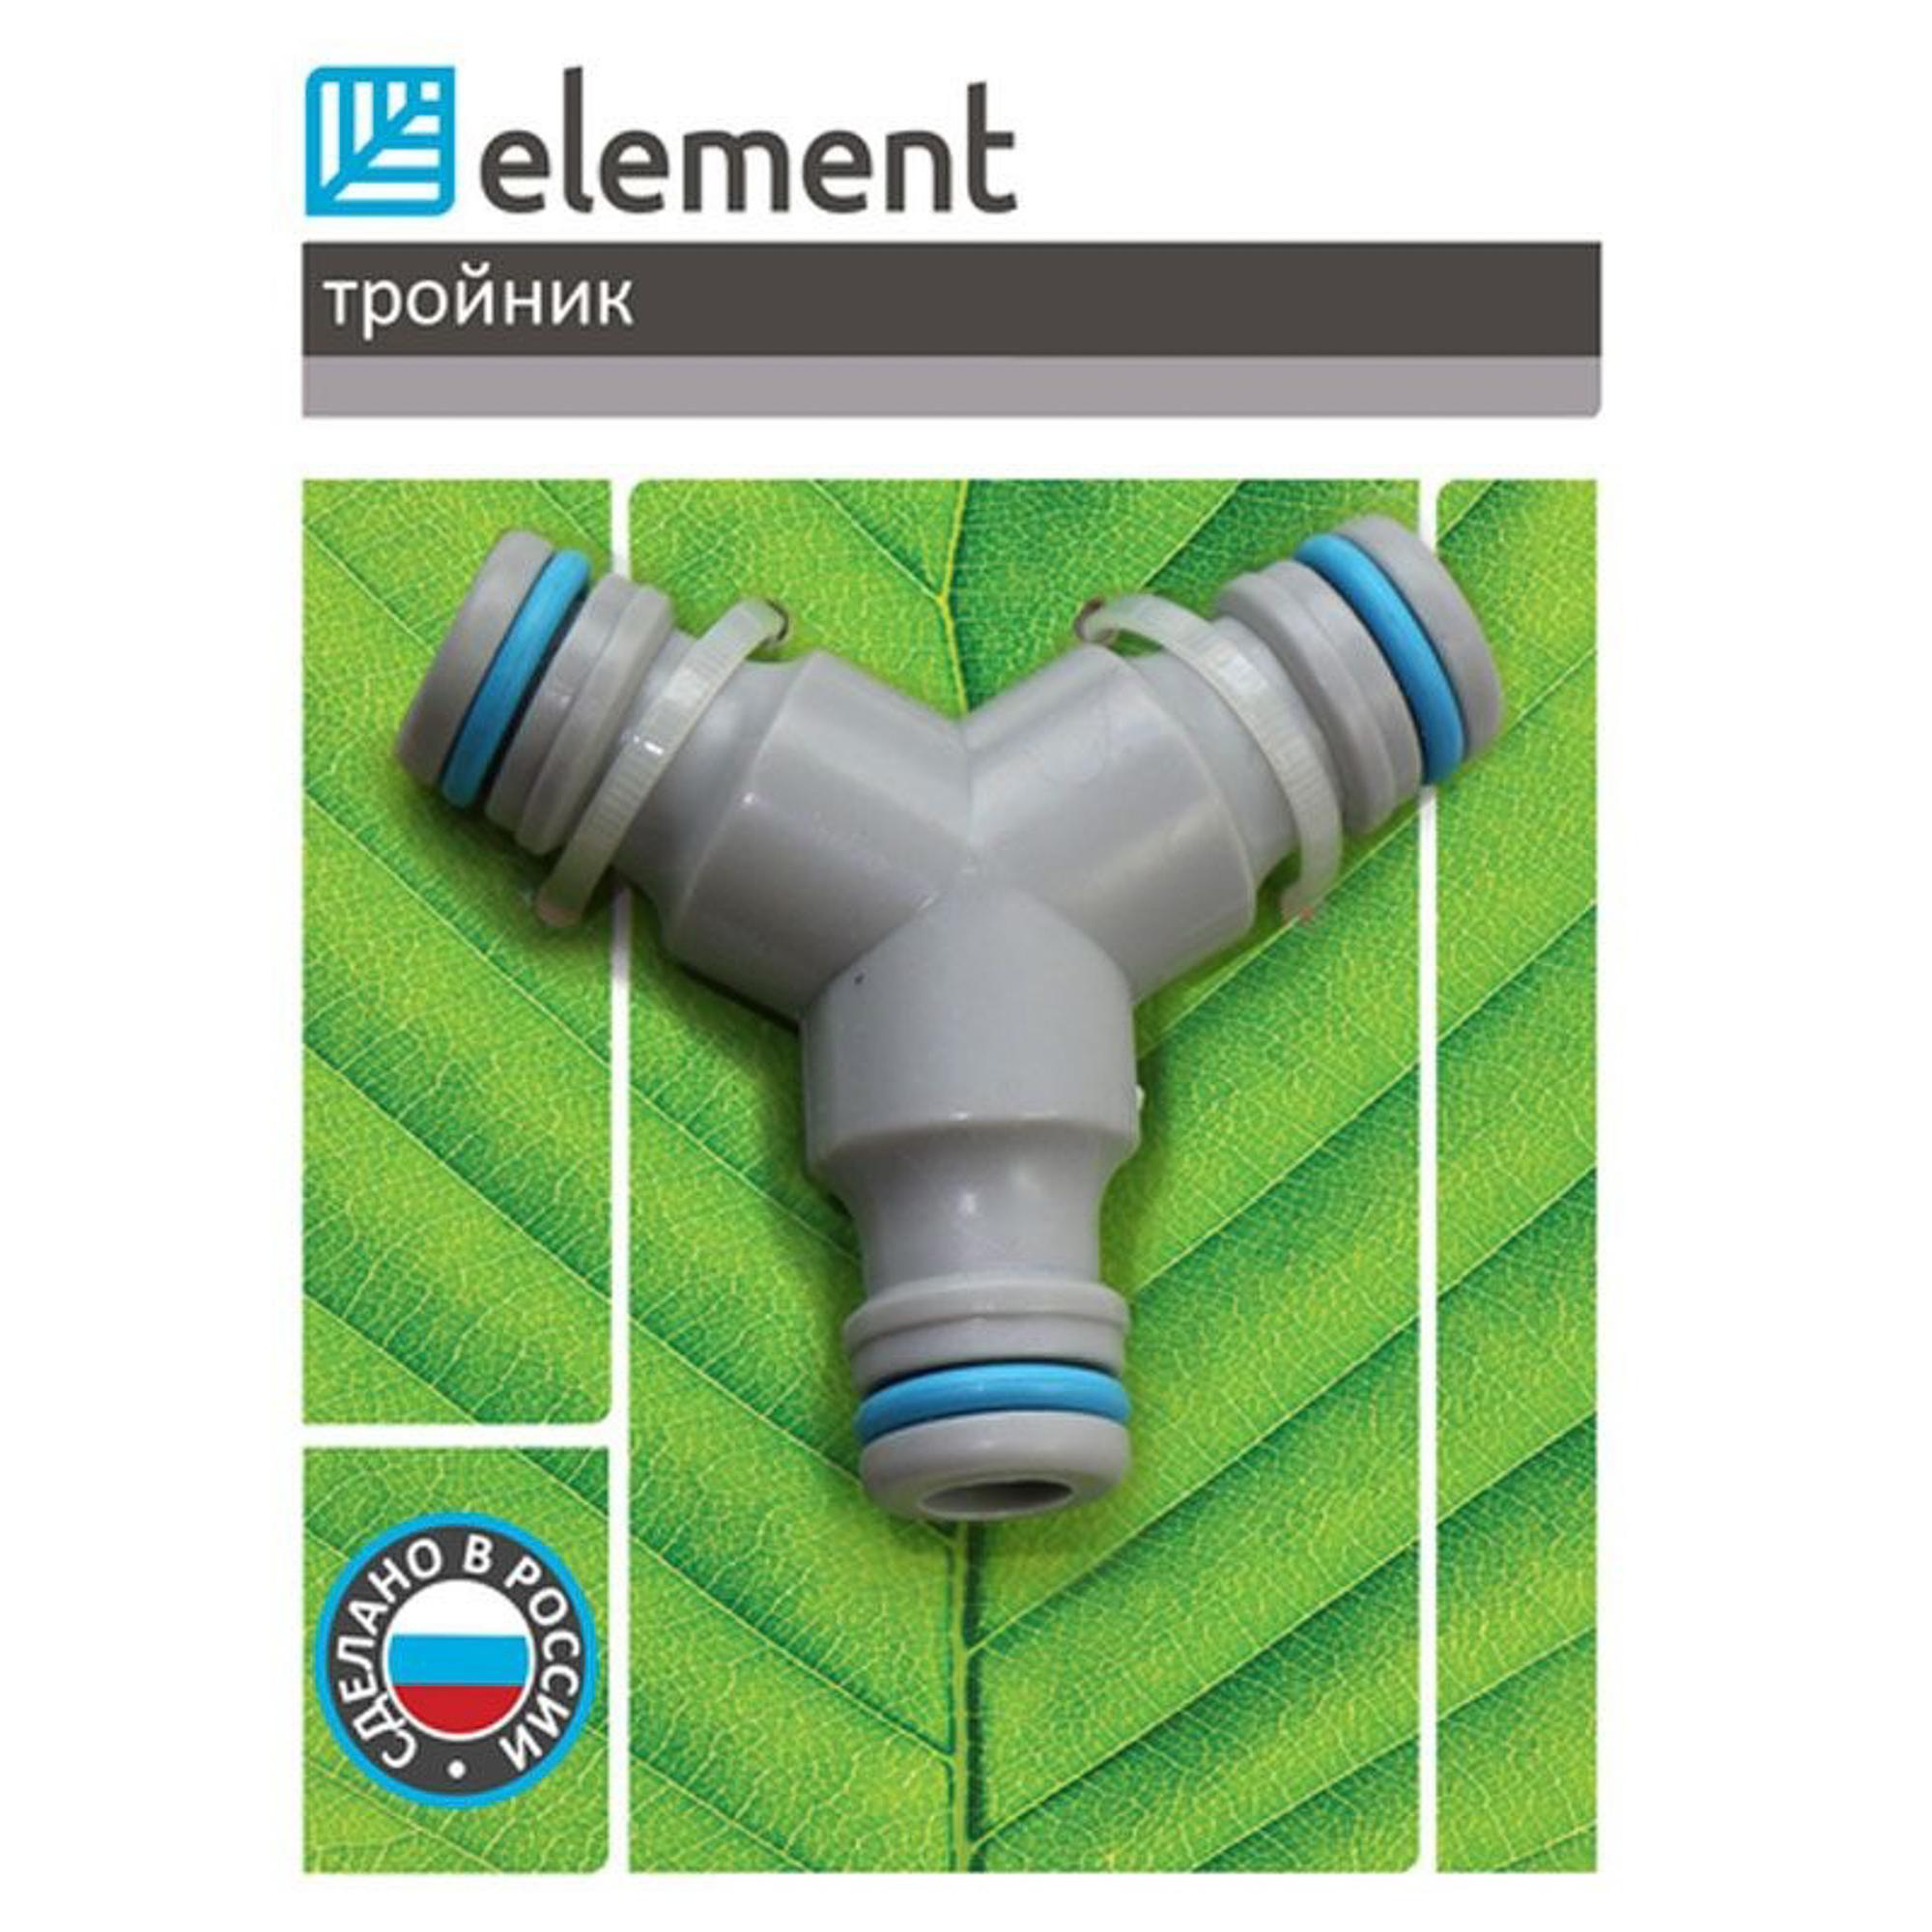 Купить Тройник Element sad, Россия